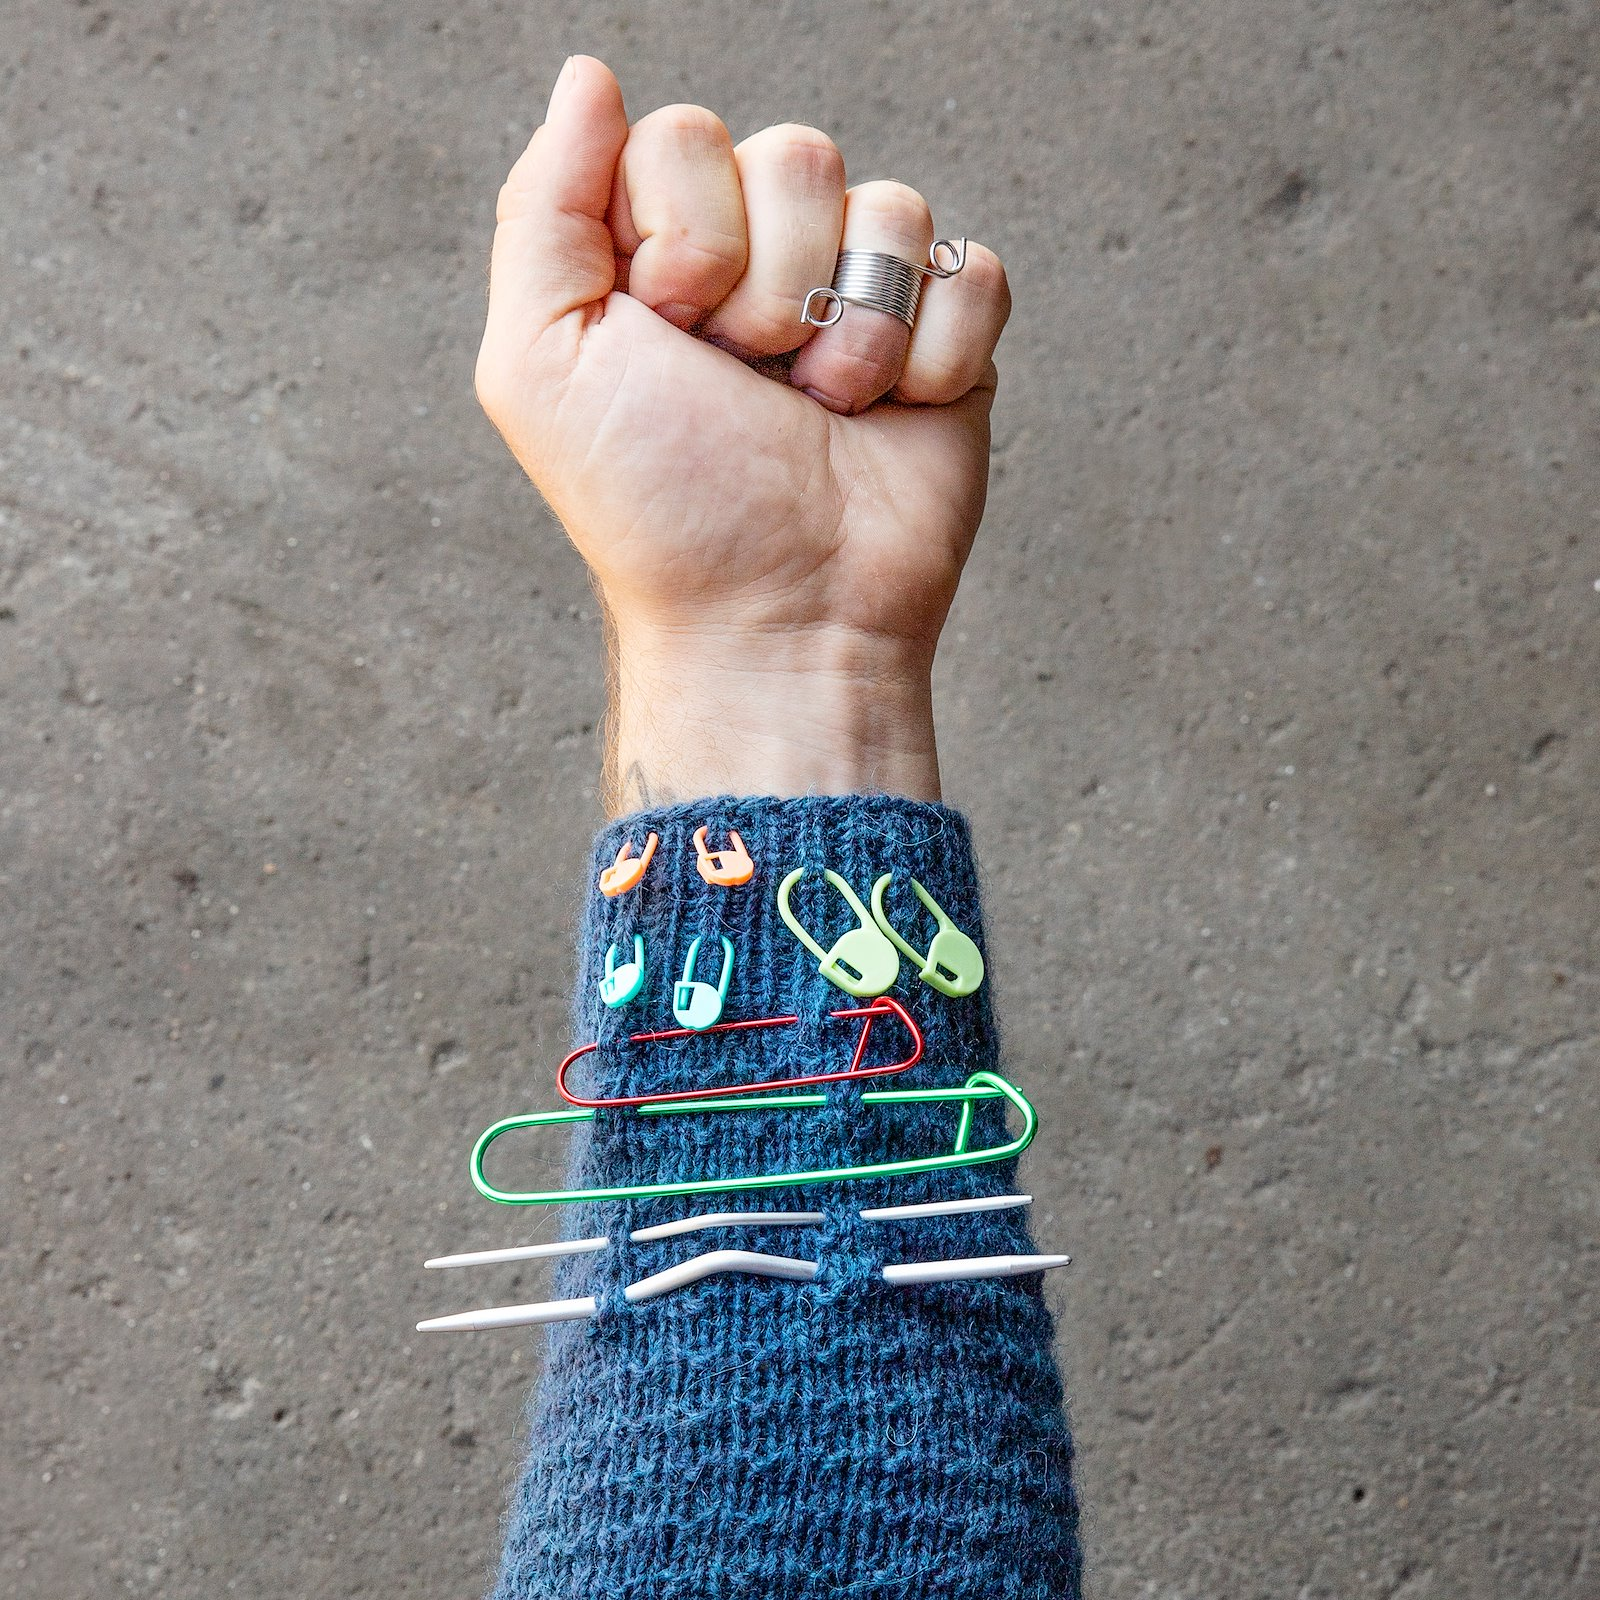 Addi cable stitch pin 2,5 and 4mm 83105_83300_83304_83301_83106_90054729_bundle